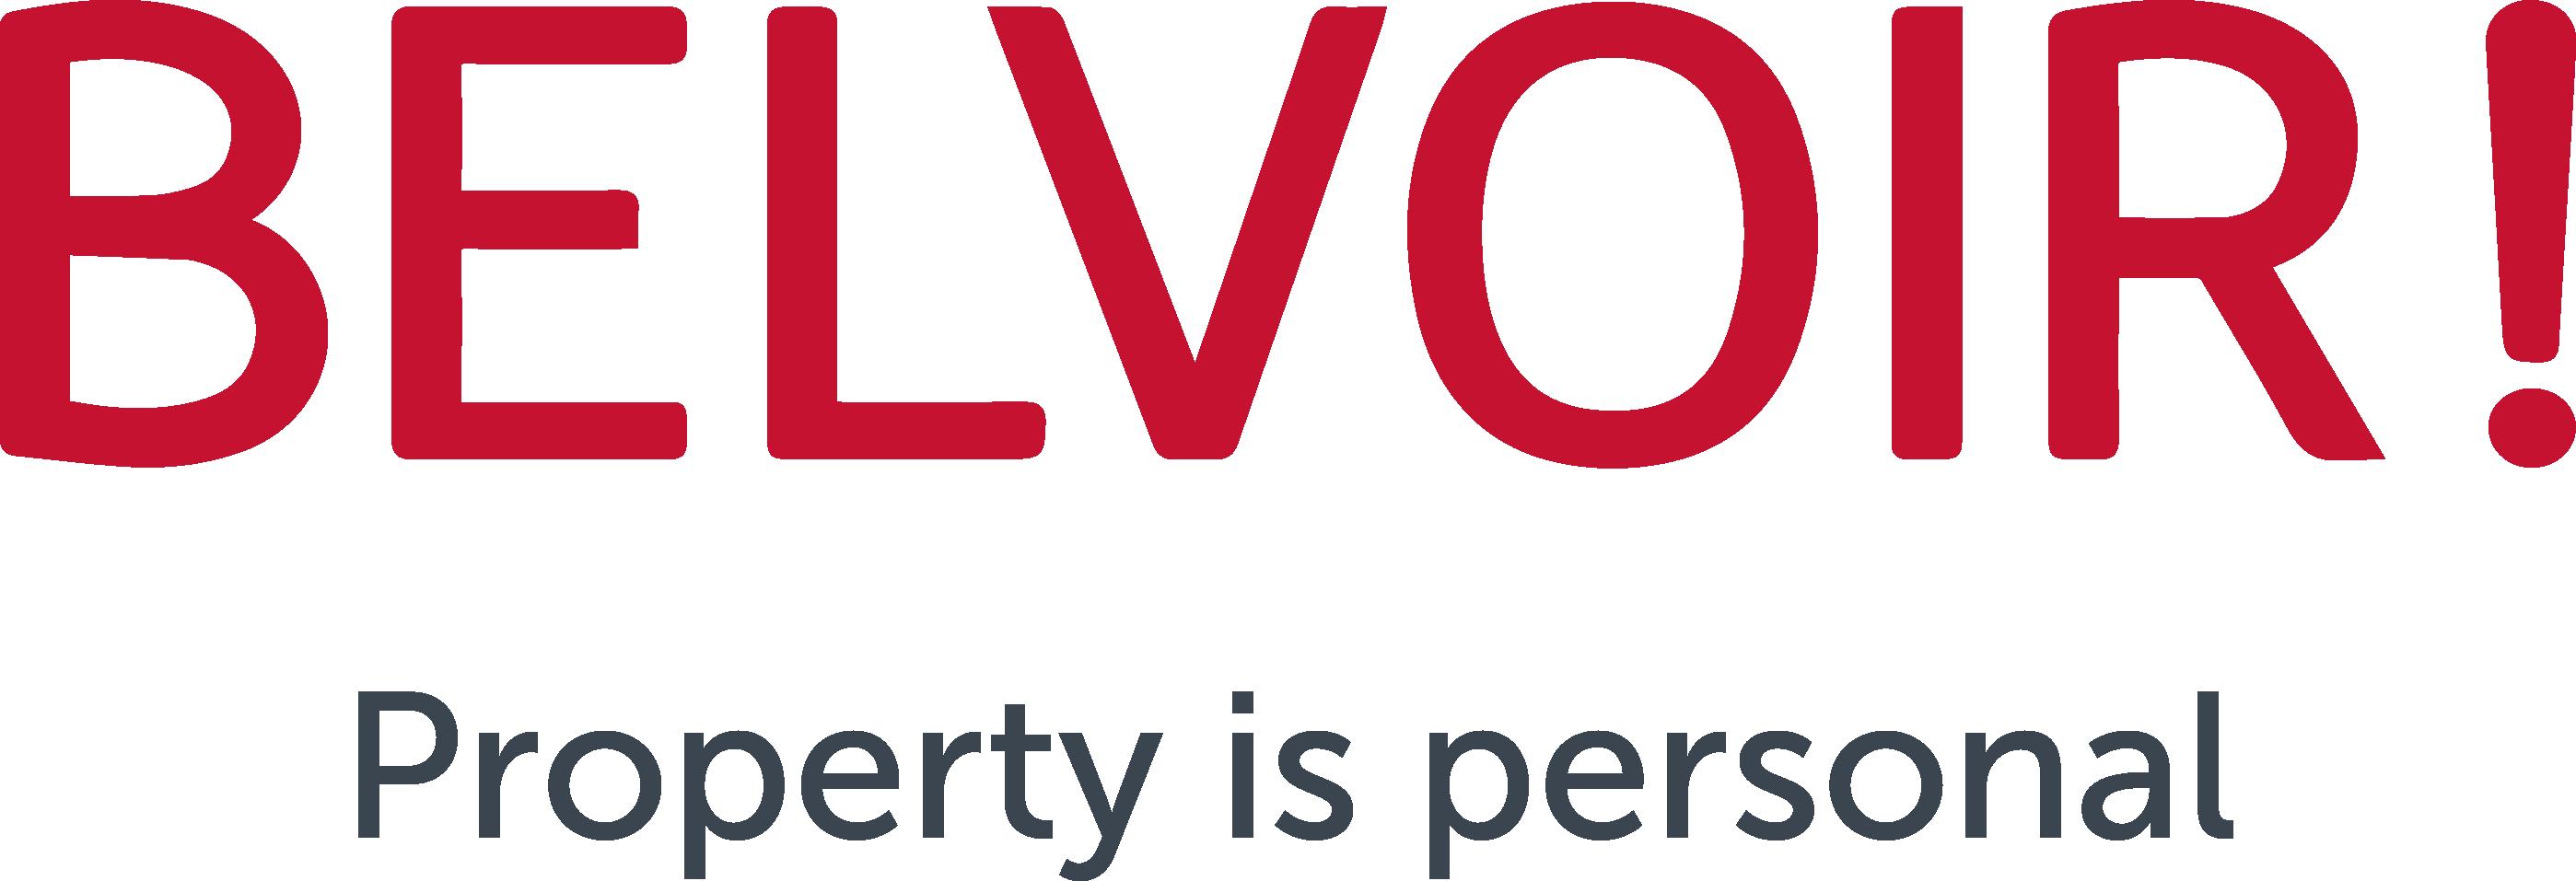 BELVOIR GROUP PLC Logo